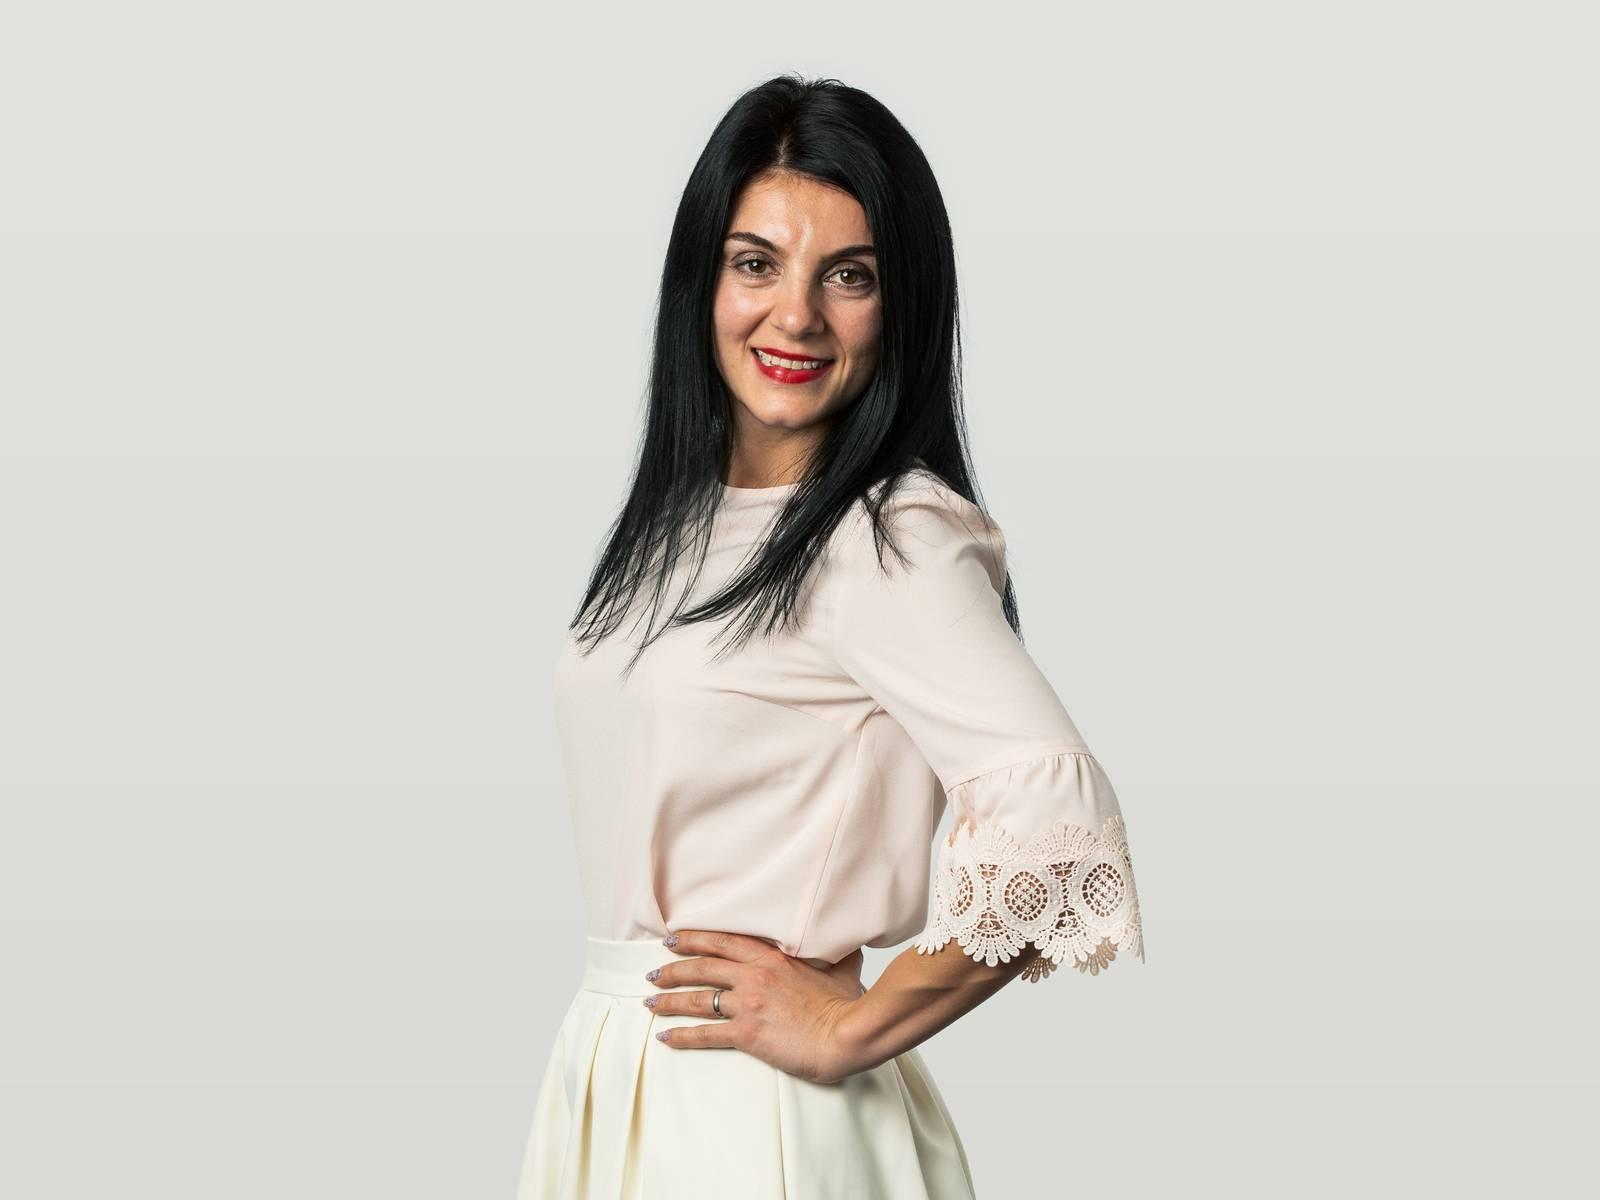 A profile image of Maria Petridi